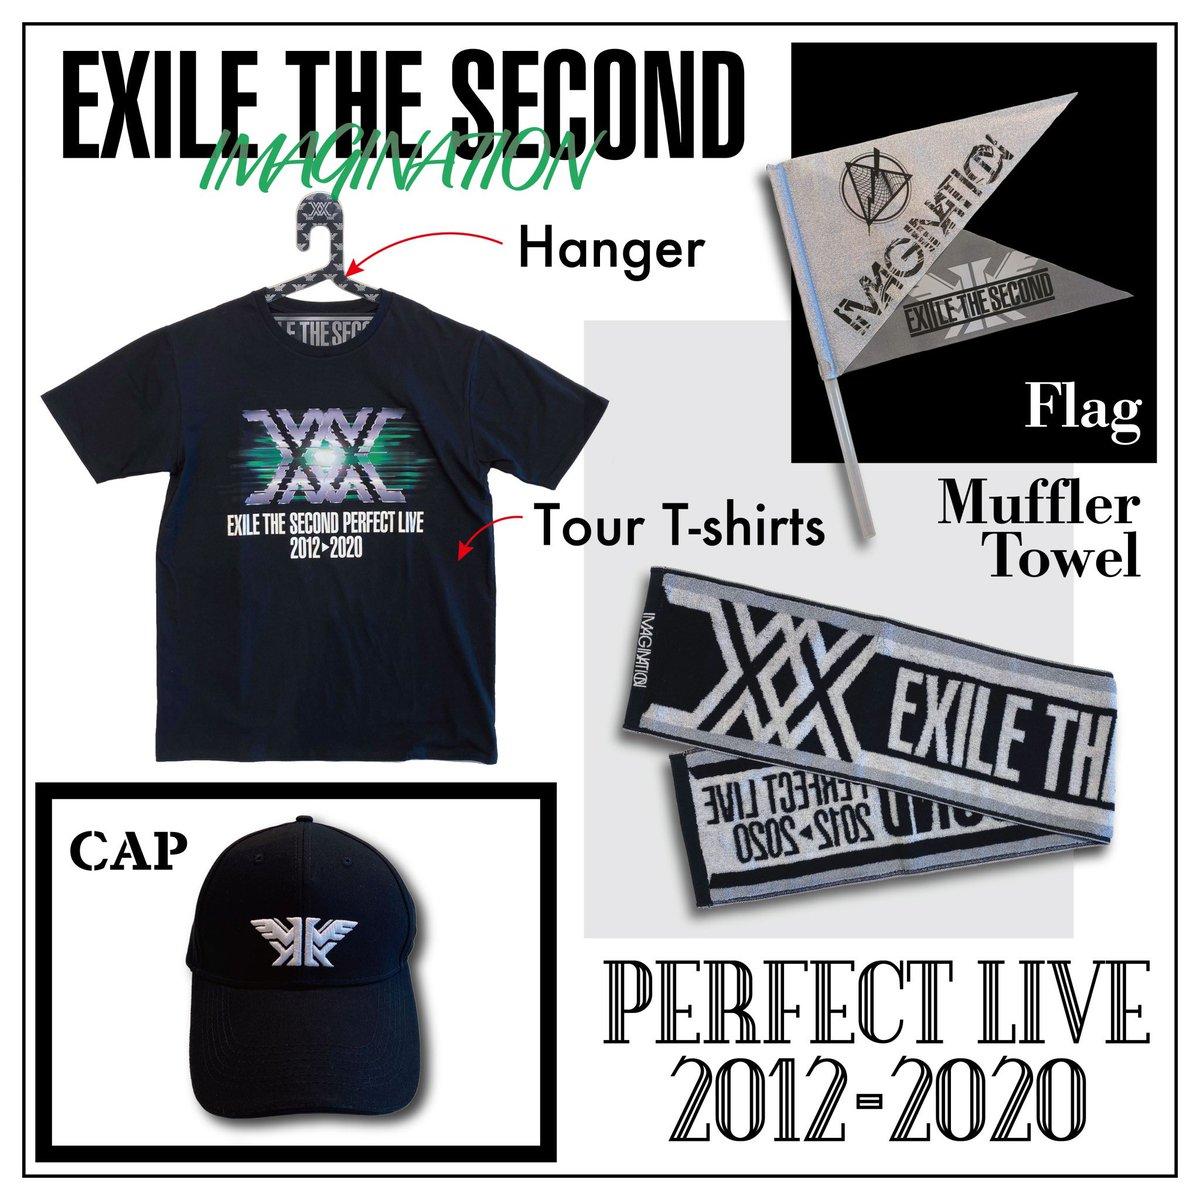 『EXILE THE SECOND PERFECT LIVE 2012▶︎2020』グッズLINE UP本日解禁‼️定番アイテムに加え、CAP、スウェットなどグループロゴを使用したアイテムが登場🎶メンバービジュアル、デニム素材やボルドーのロゴを使用したアイテムも🤩